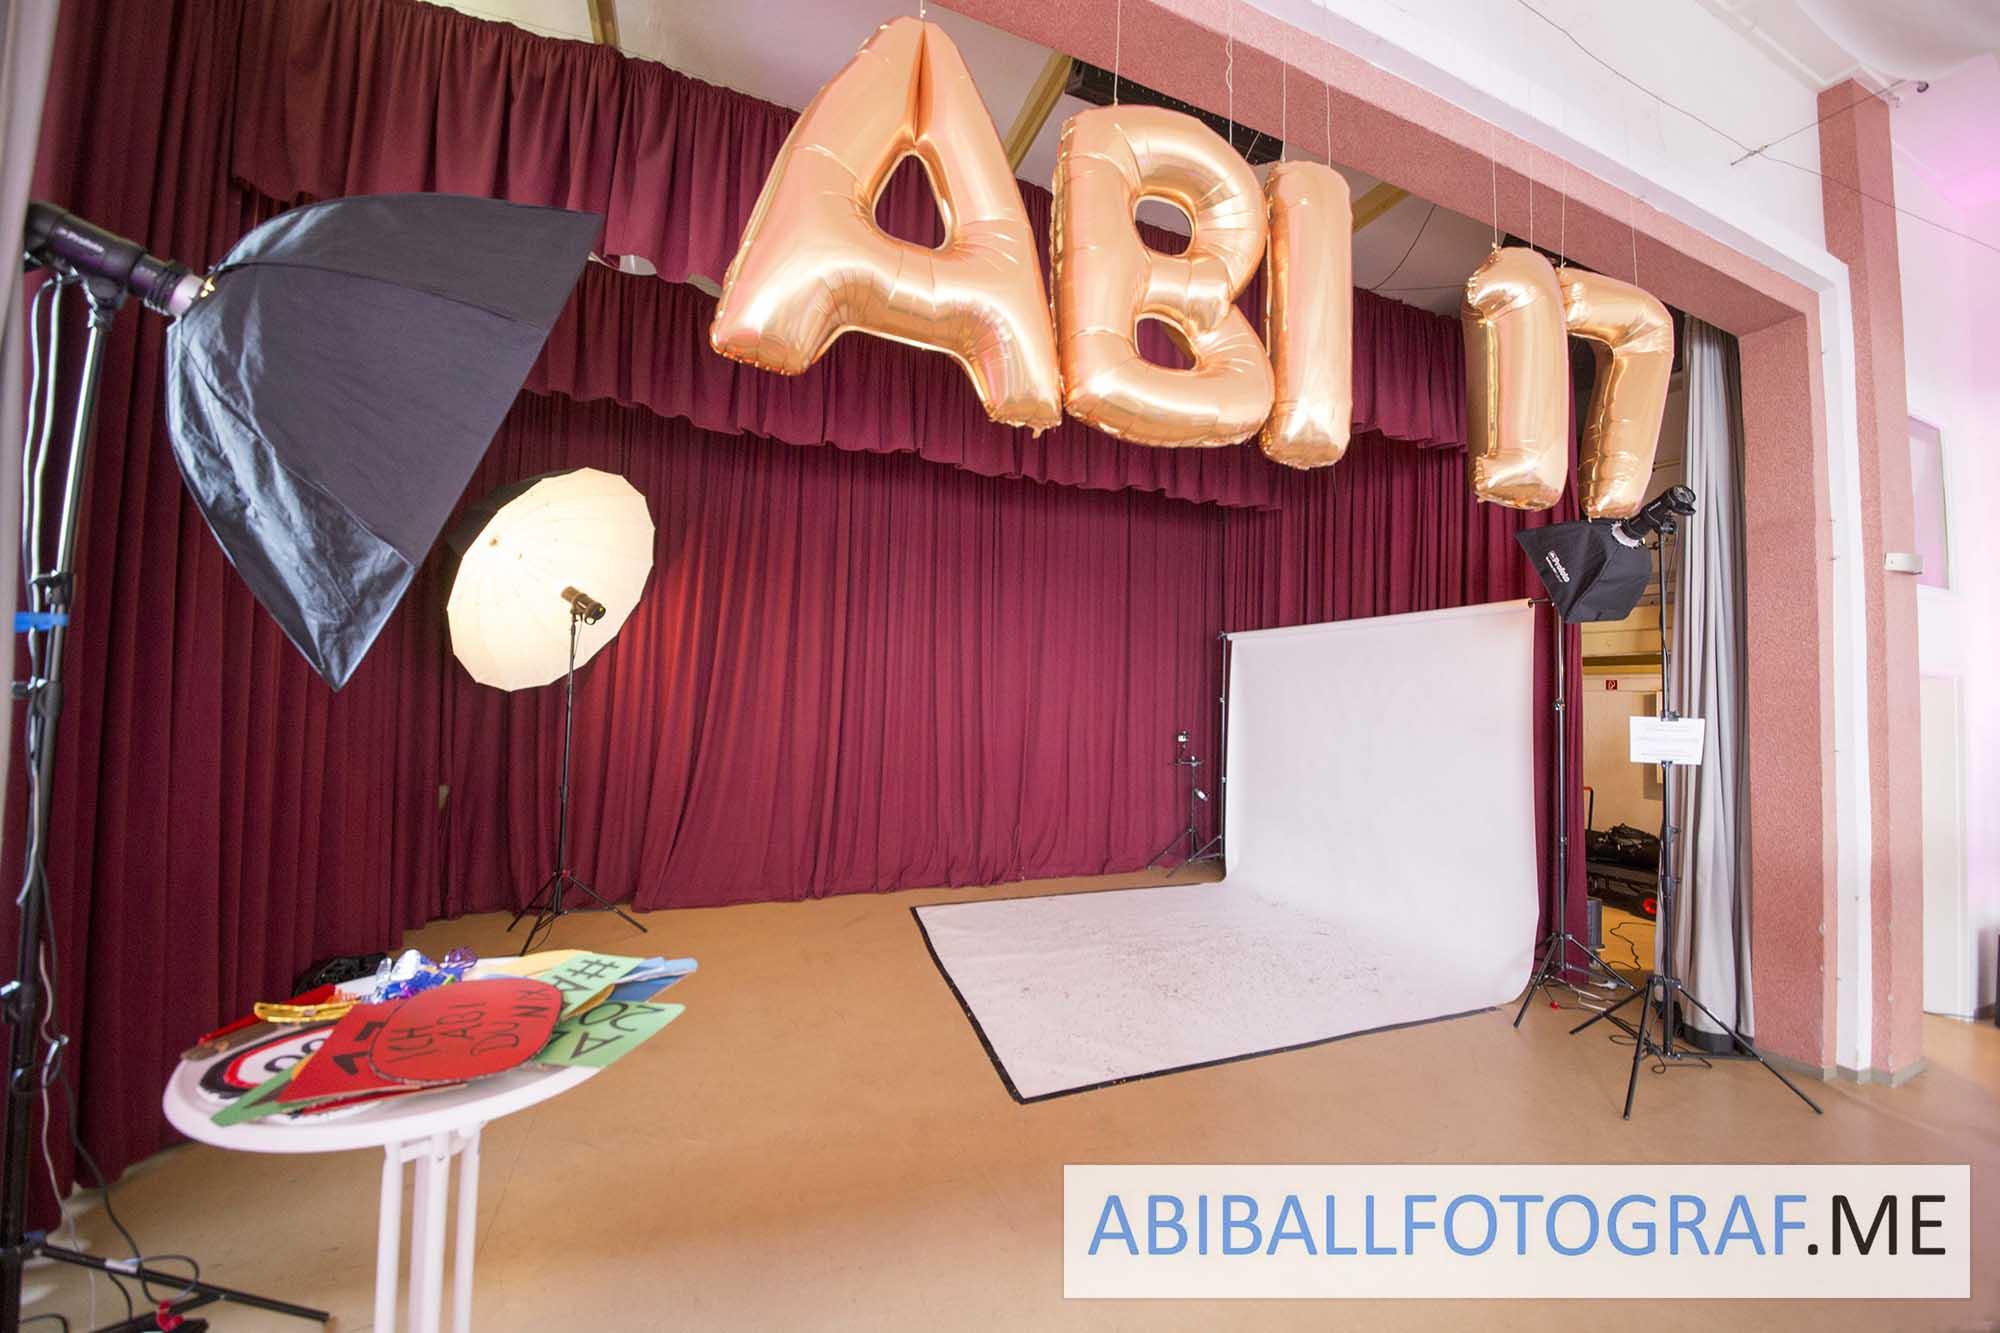 Das Mobile Fotostudio ermöglicht das Fotografieren unter den besten Bedingungen. Die Abiballfotos werden das Highlight eures Balls.